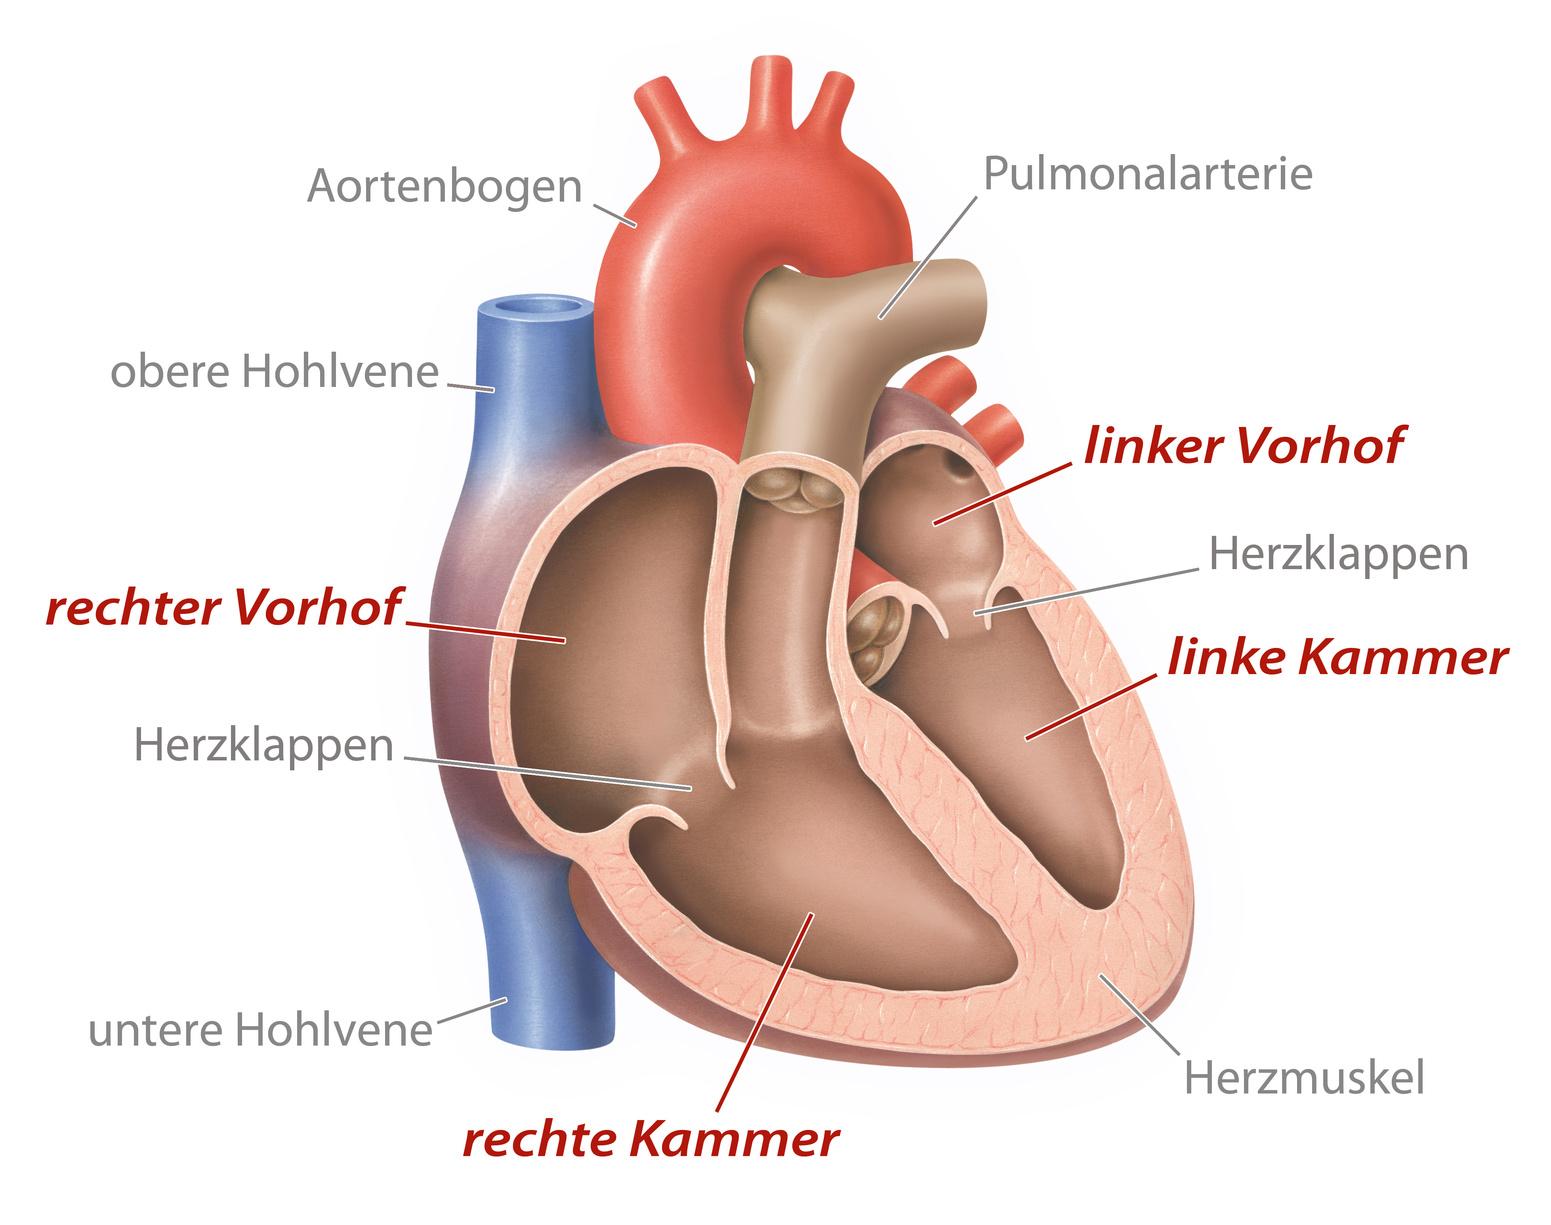 Herzklappenoperation – Wenn die Ventile des Herzens versagen